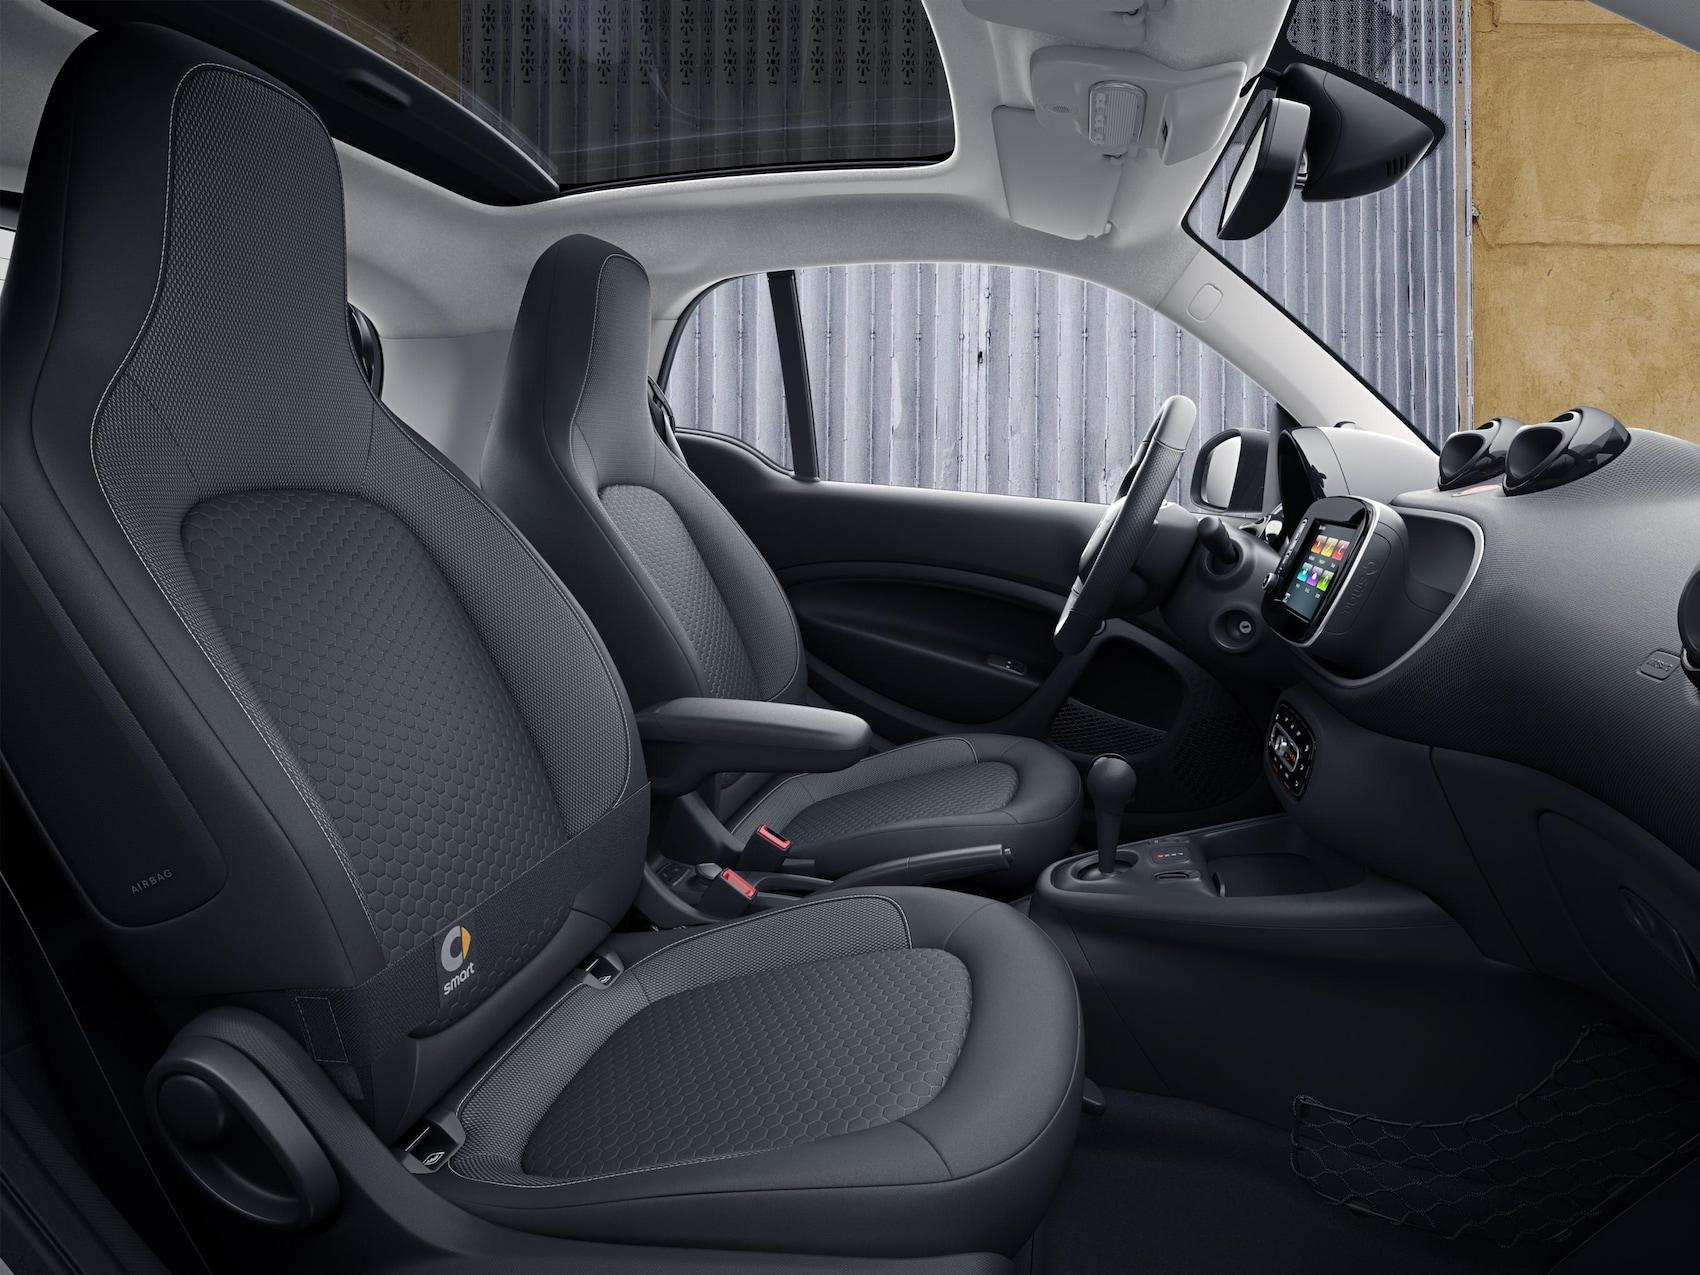 Le nouveau design des sièges de la smart EQ fortwo.